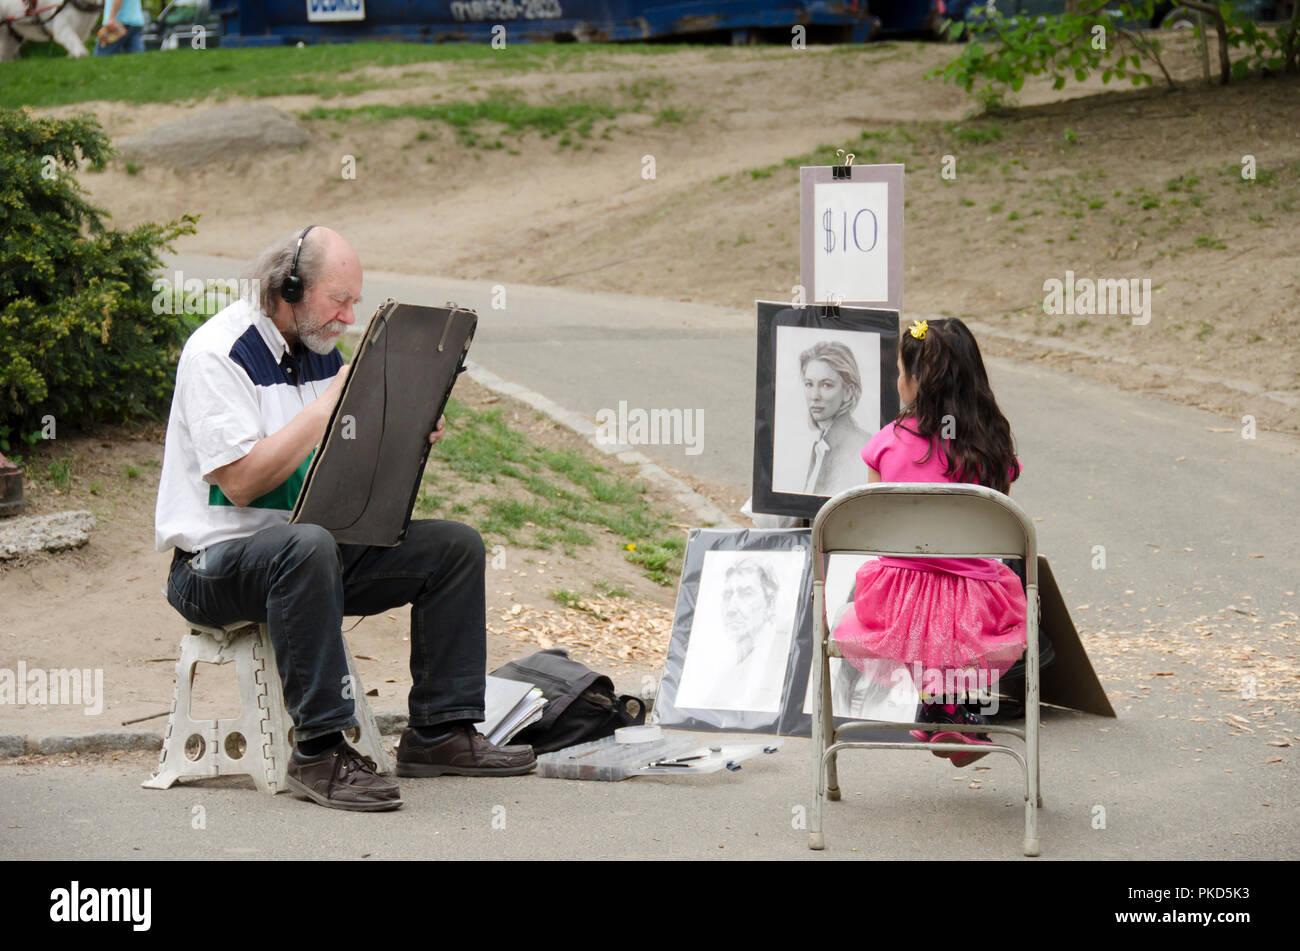 New York City, USA - Mai 05, 2015: Ein Künstler Verfasser Zeichnung Porträt eines jungen Mädchens im Central Park Stockbild